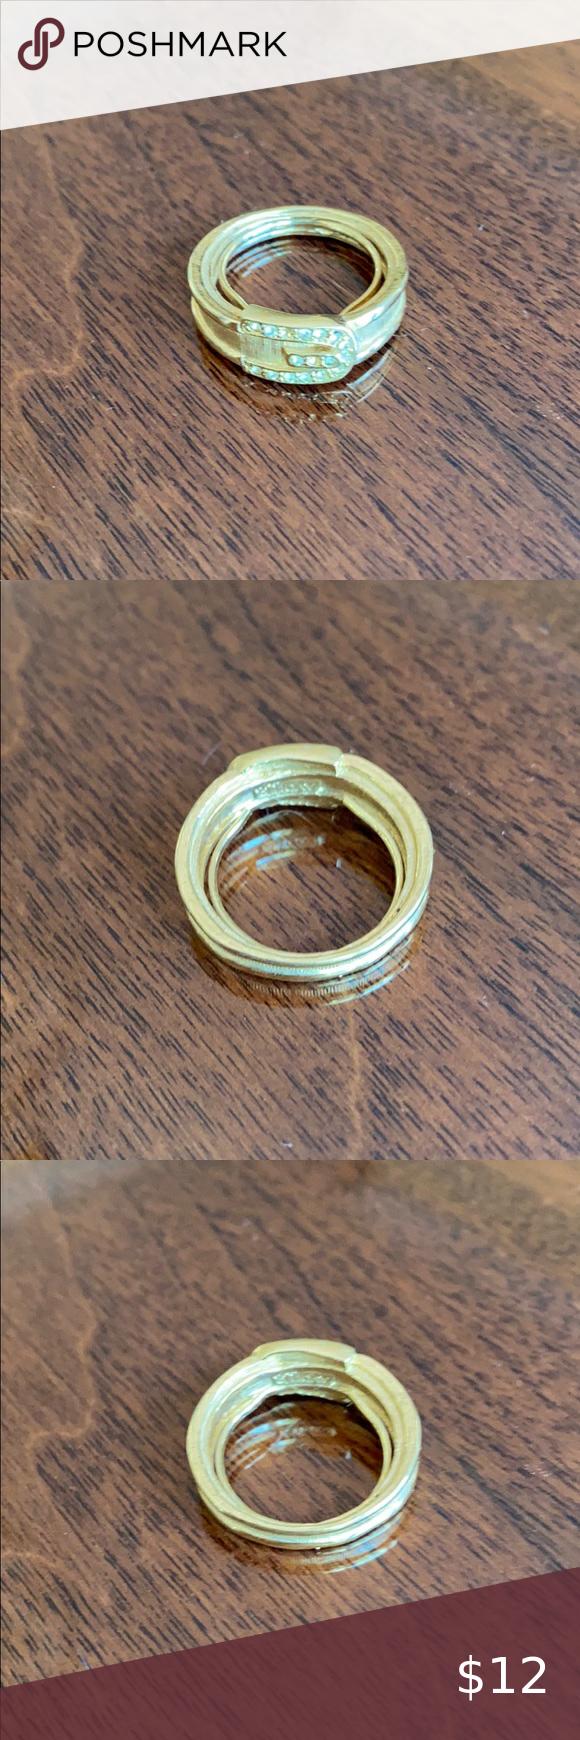 Lovely Avon designer ring size 6 1/2 adjustable in 2020